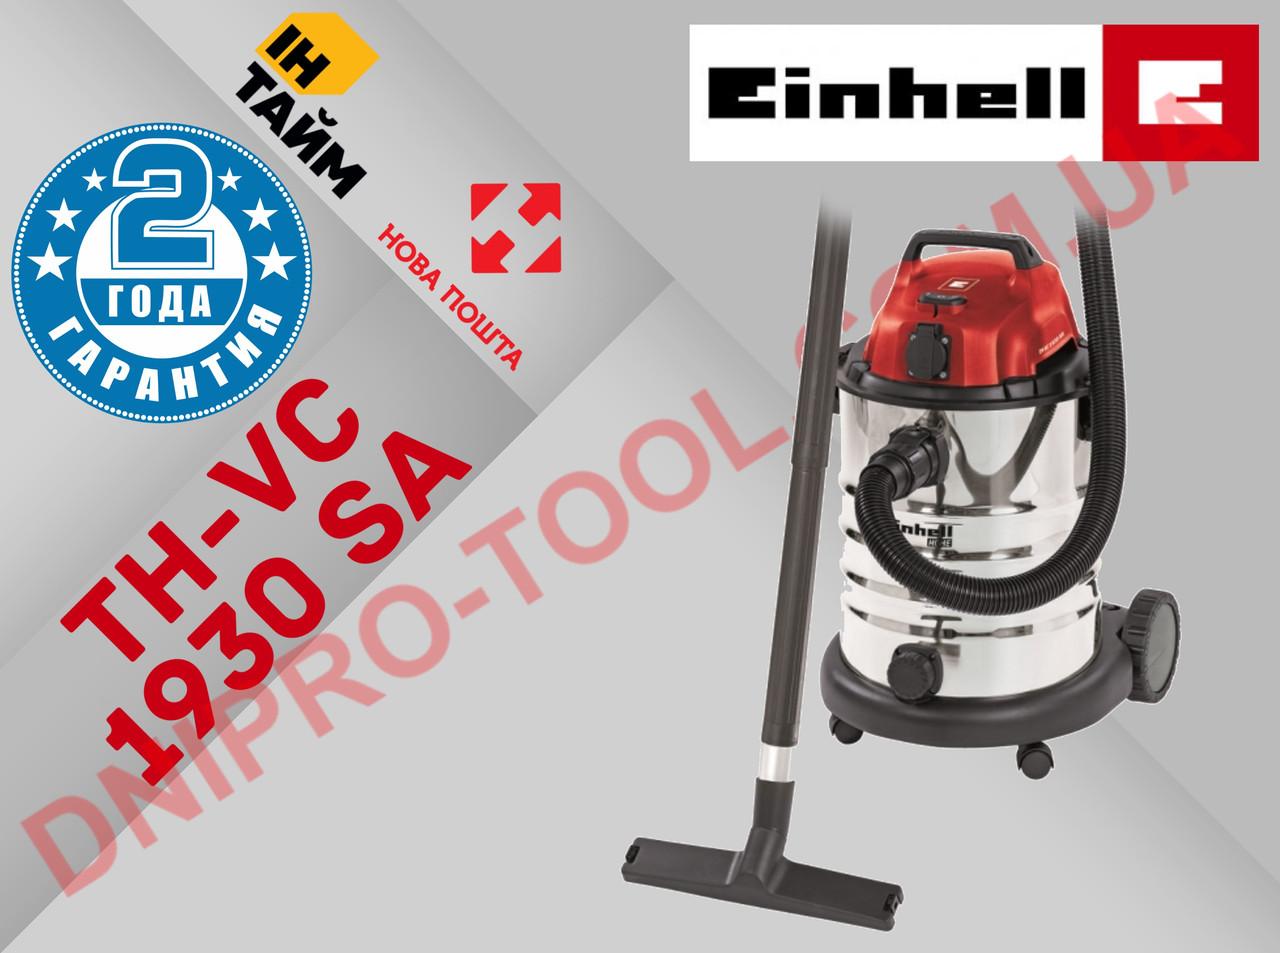 Пылесос промышленный строительный Einhell TH-VC 1930 SA (2342190) (TC-VC 1930 SA)